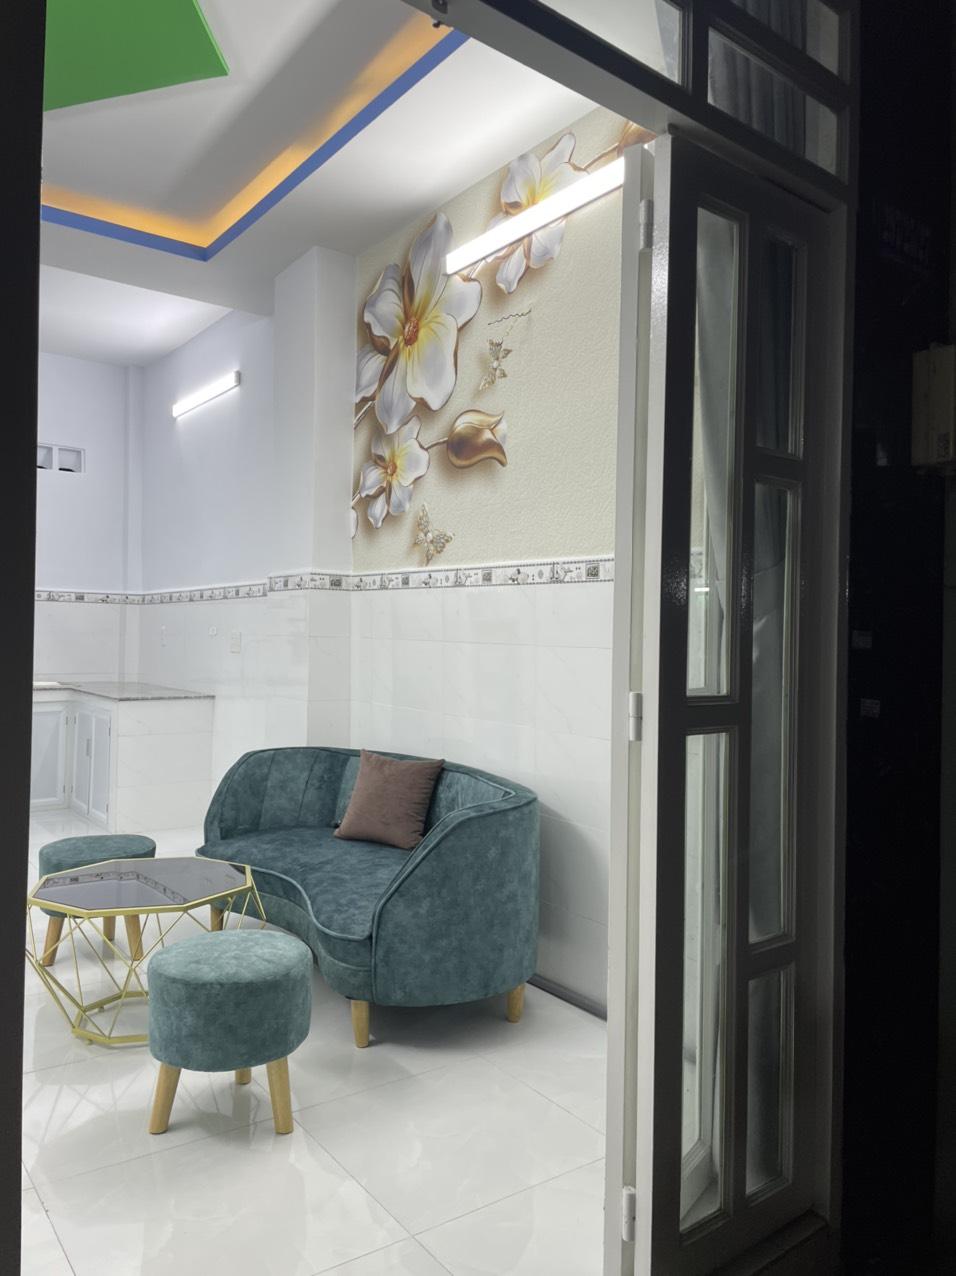 Bán nhà hẻm 297 Tân Hòa Đông Bình Trị Đông quận Bình Tân dưới 3 tỷ